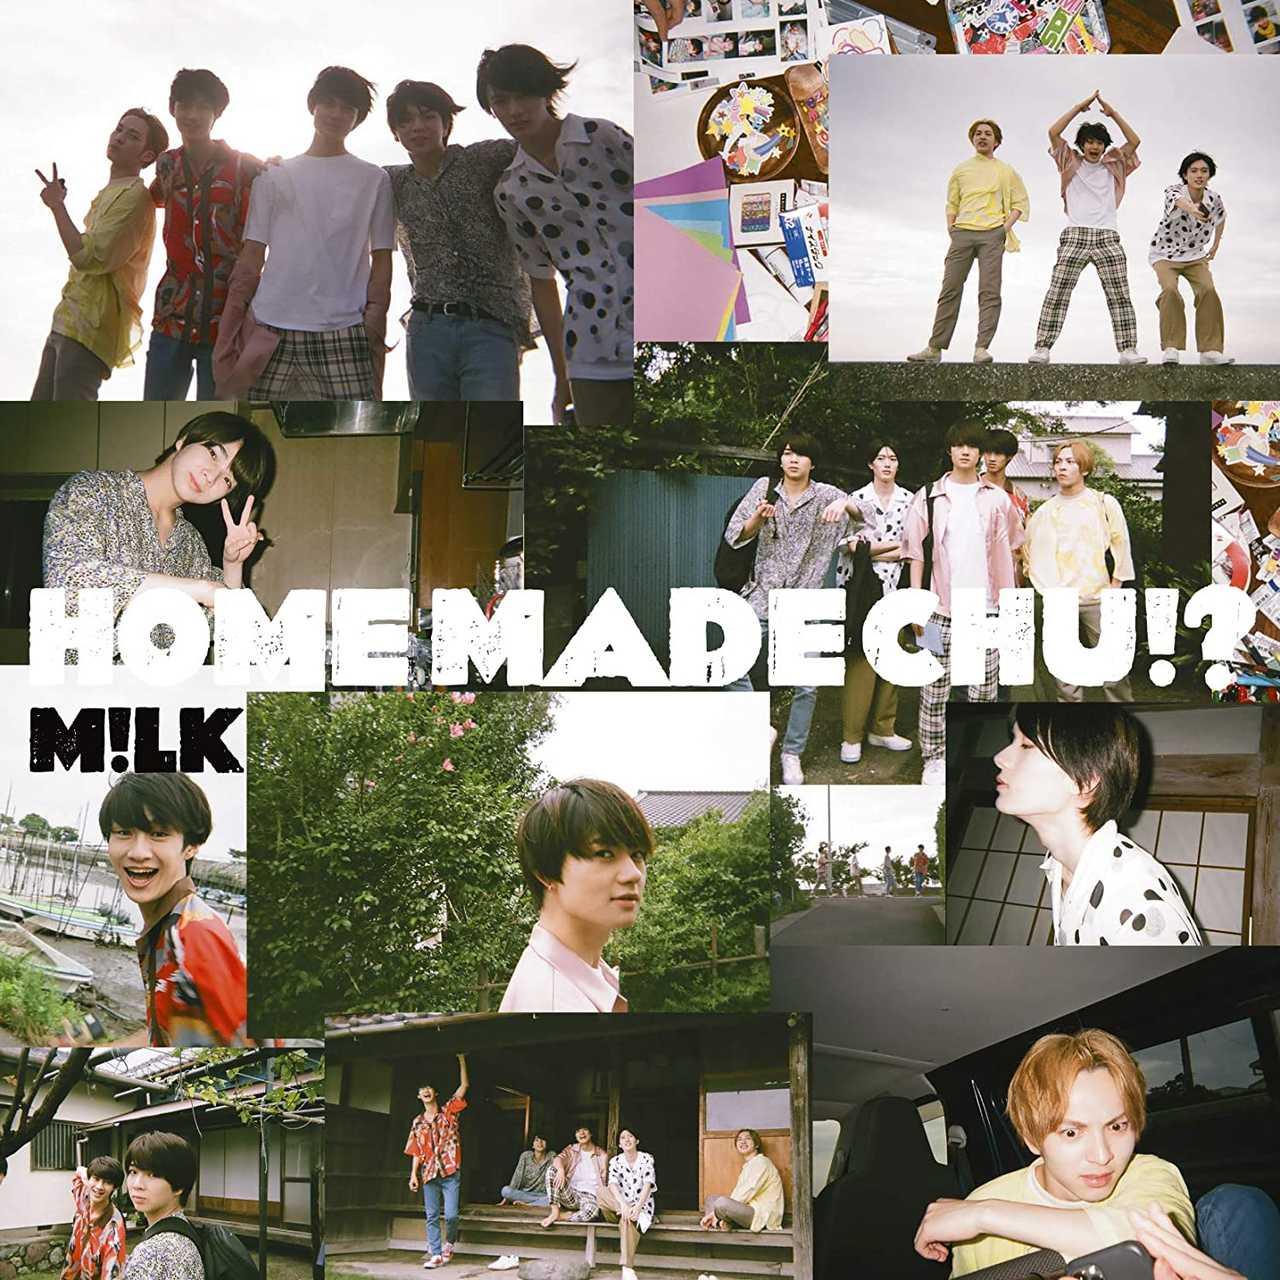 M!LK「HOME」心に刺さる歌詞に込められたメッセージとは?